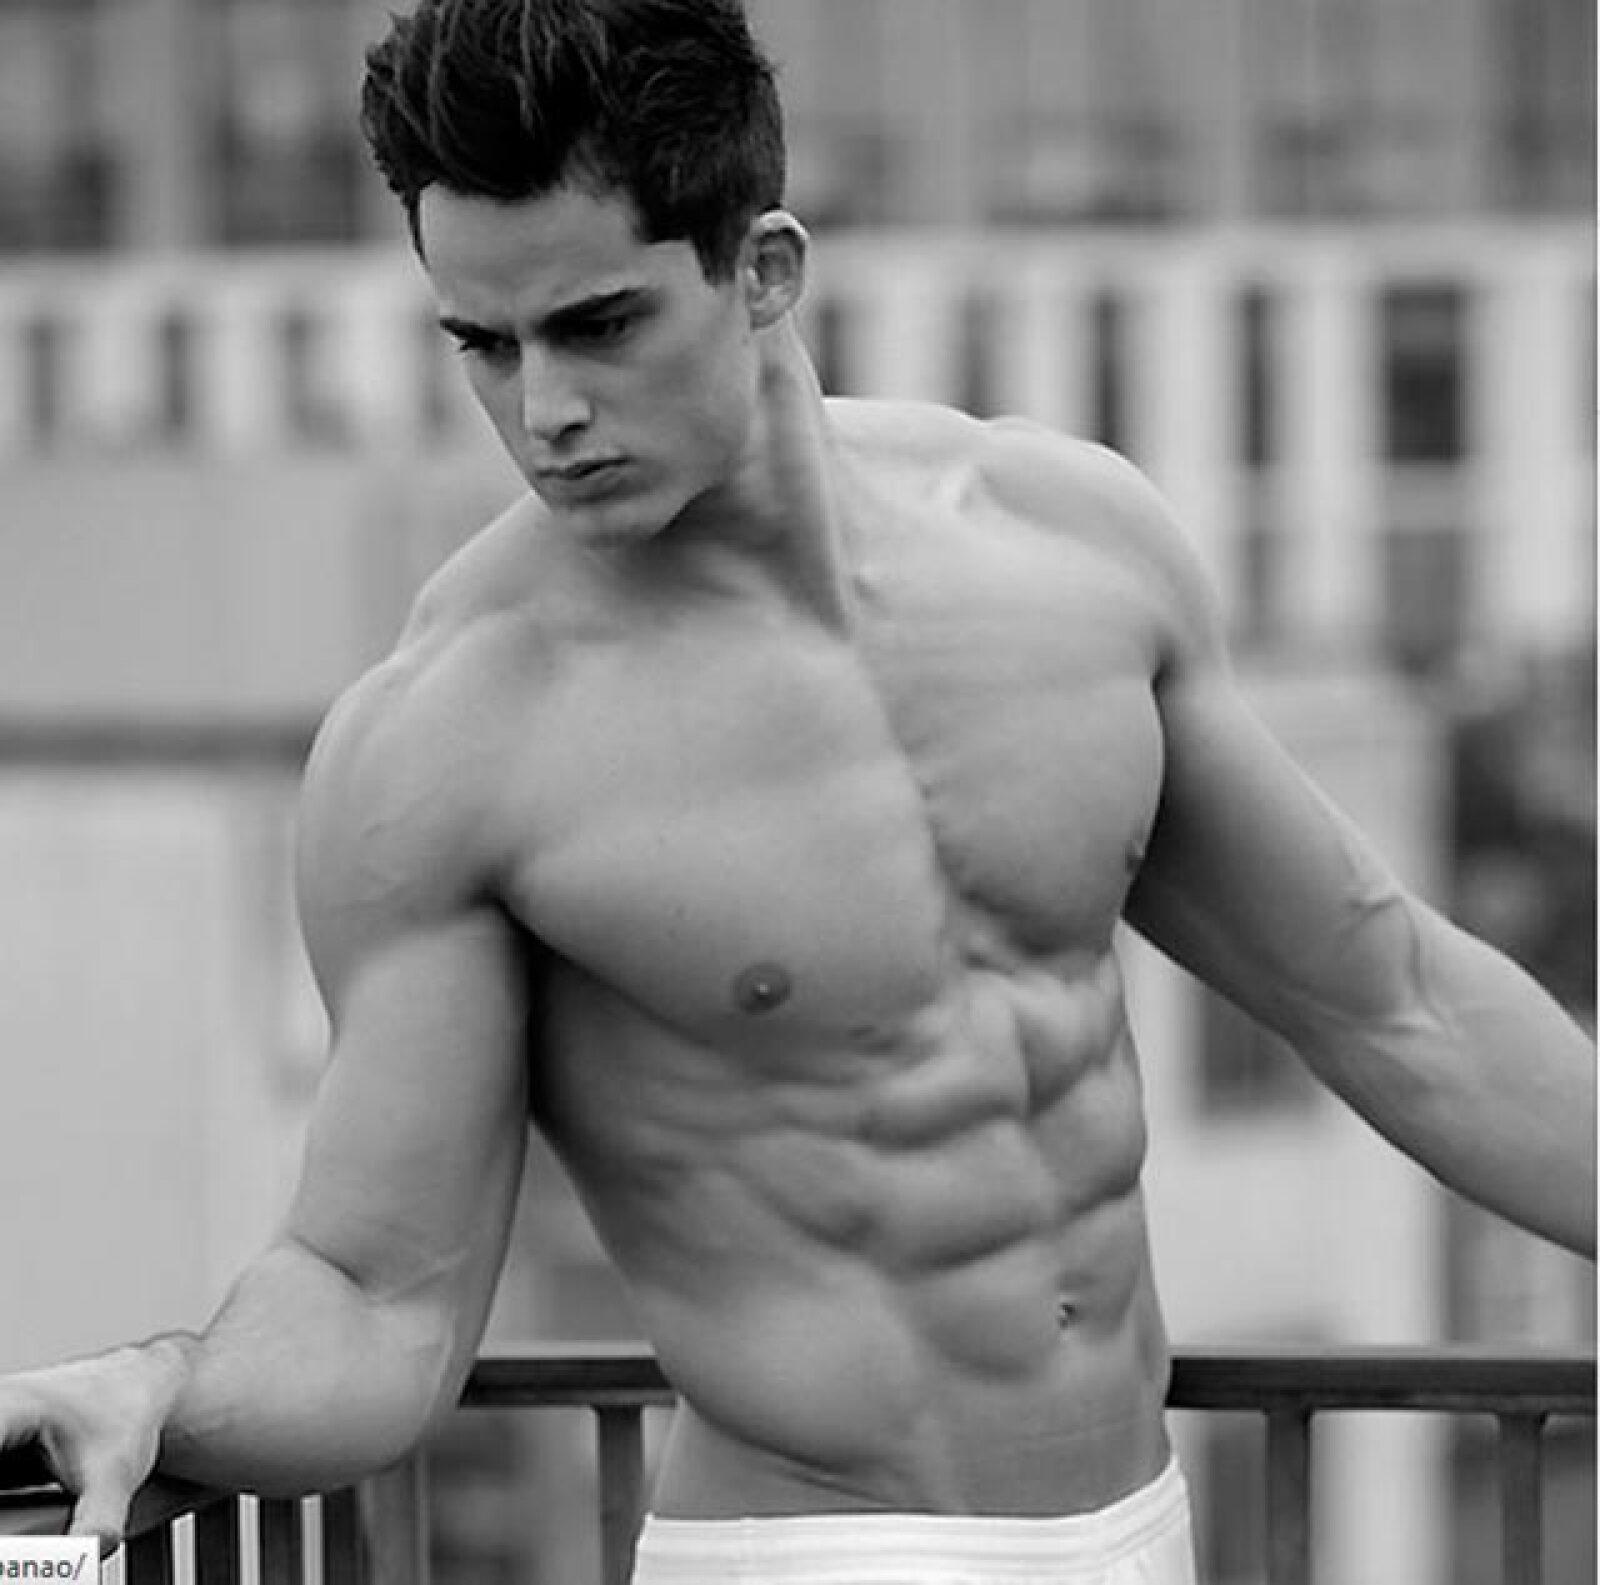 Pietro Boselli, un italiano de 26 que impartía clases de matémáticas en una universidad de Londres, se dio a conocer a través de las redes sociales por su gran atractivo.